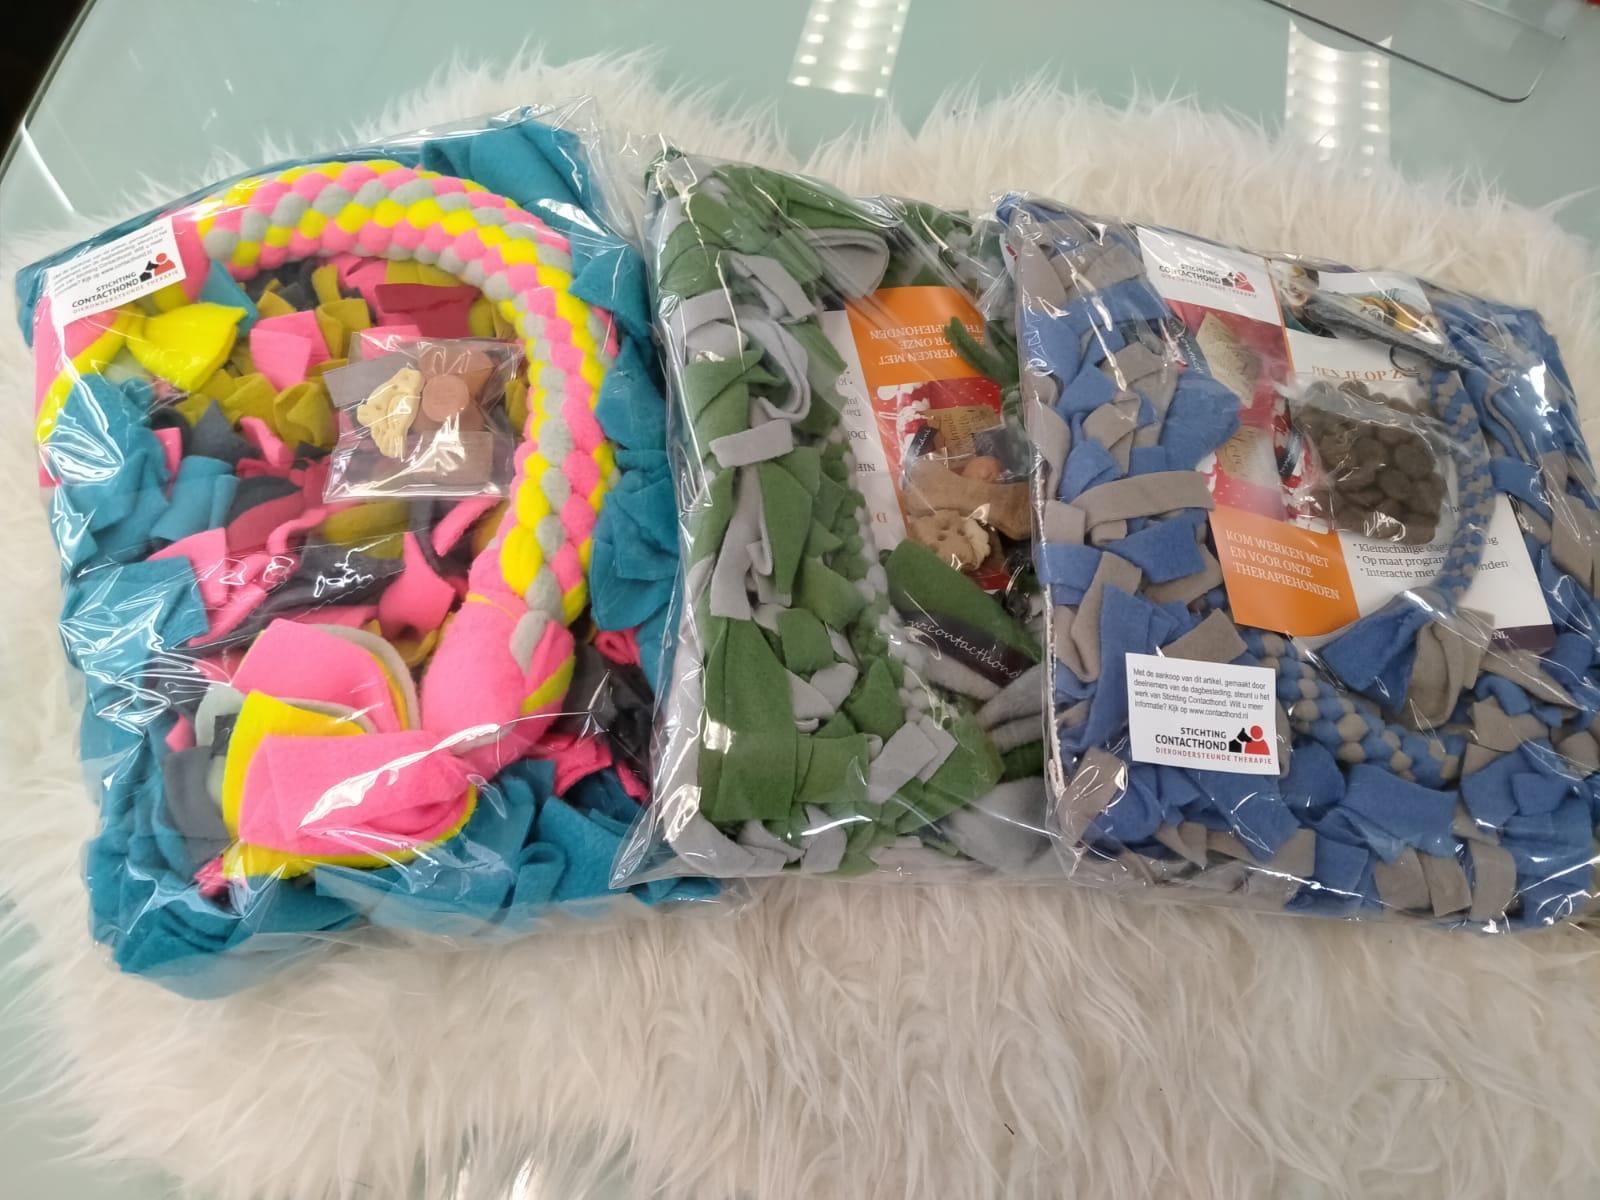 Een pakket bestaande uit een stramienmat, een sleutelhanger, speeltouw en puzzelfloss. Diverse pakketen met verschillende prijzen en kleuren